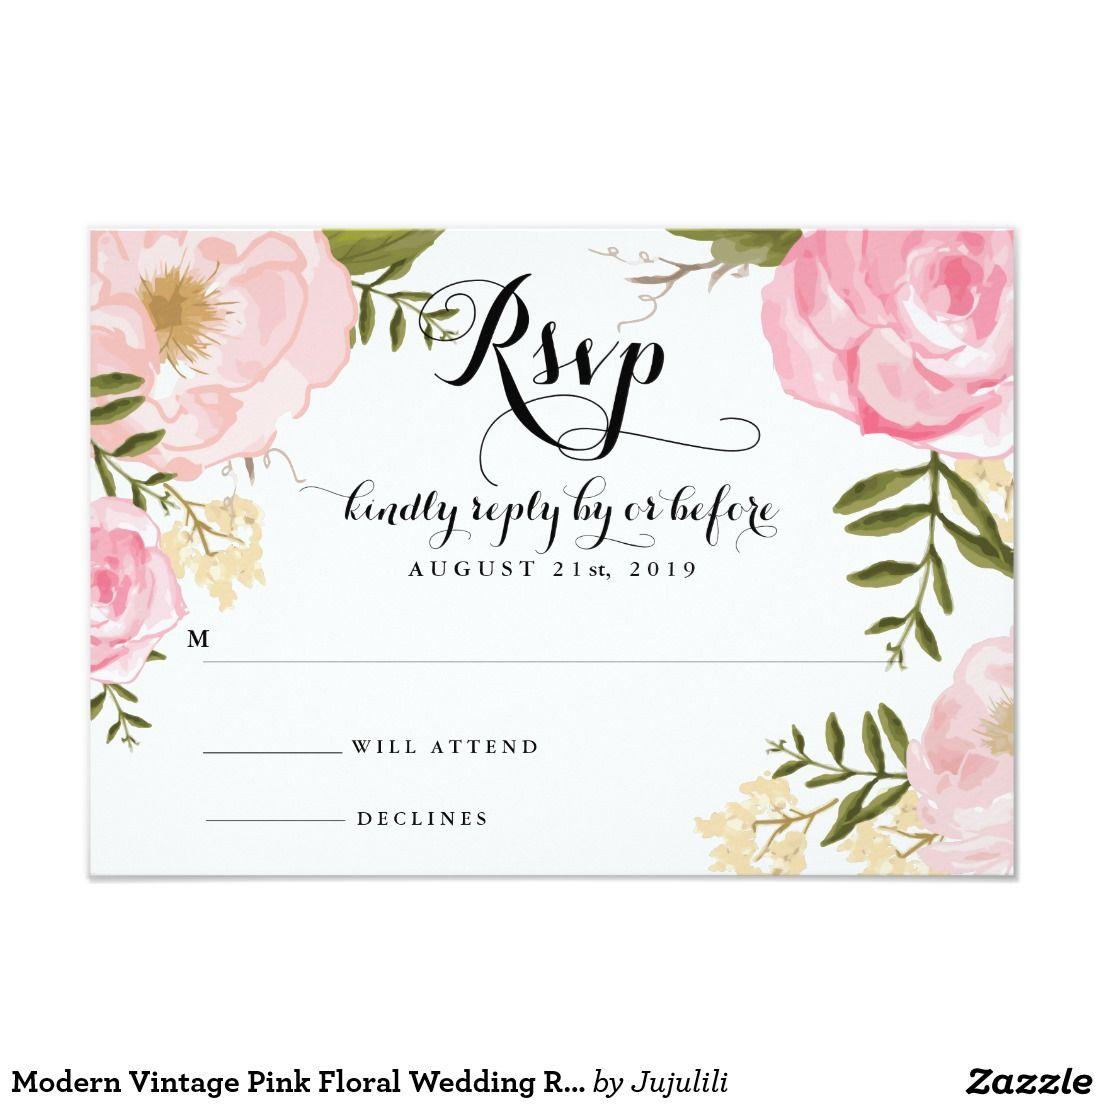 Modern Vintage Pink Floral Wedding RSVP Card | Logo | Pinterest ...